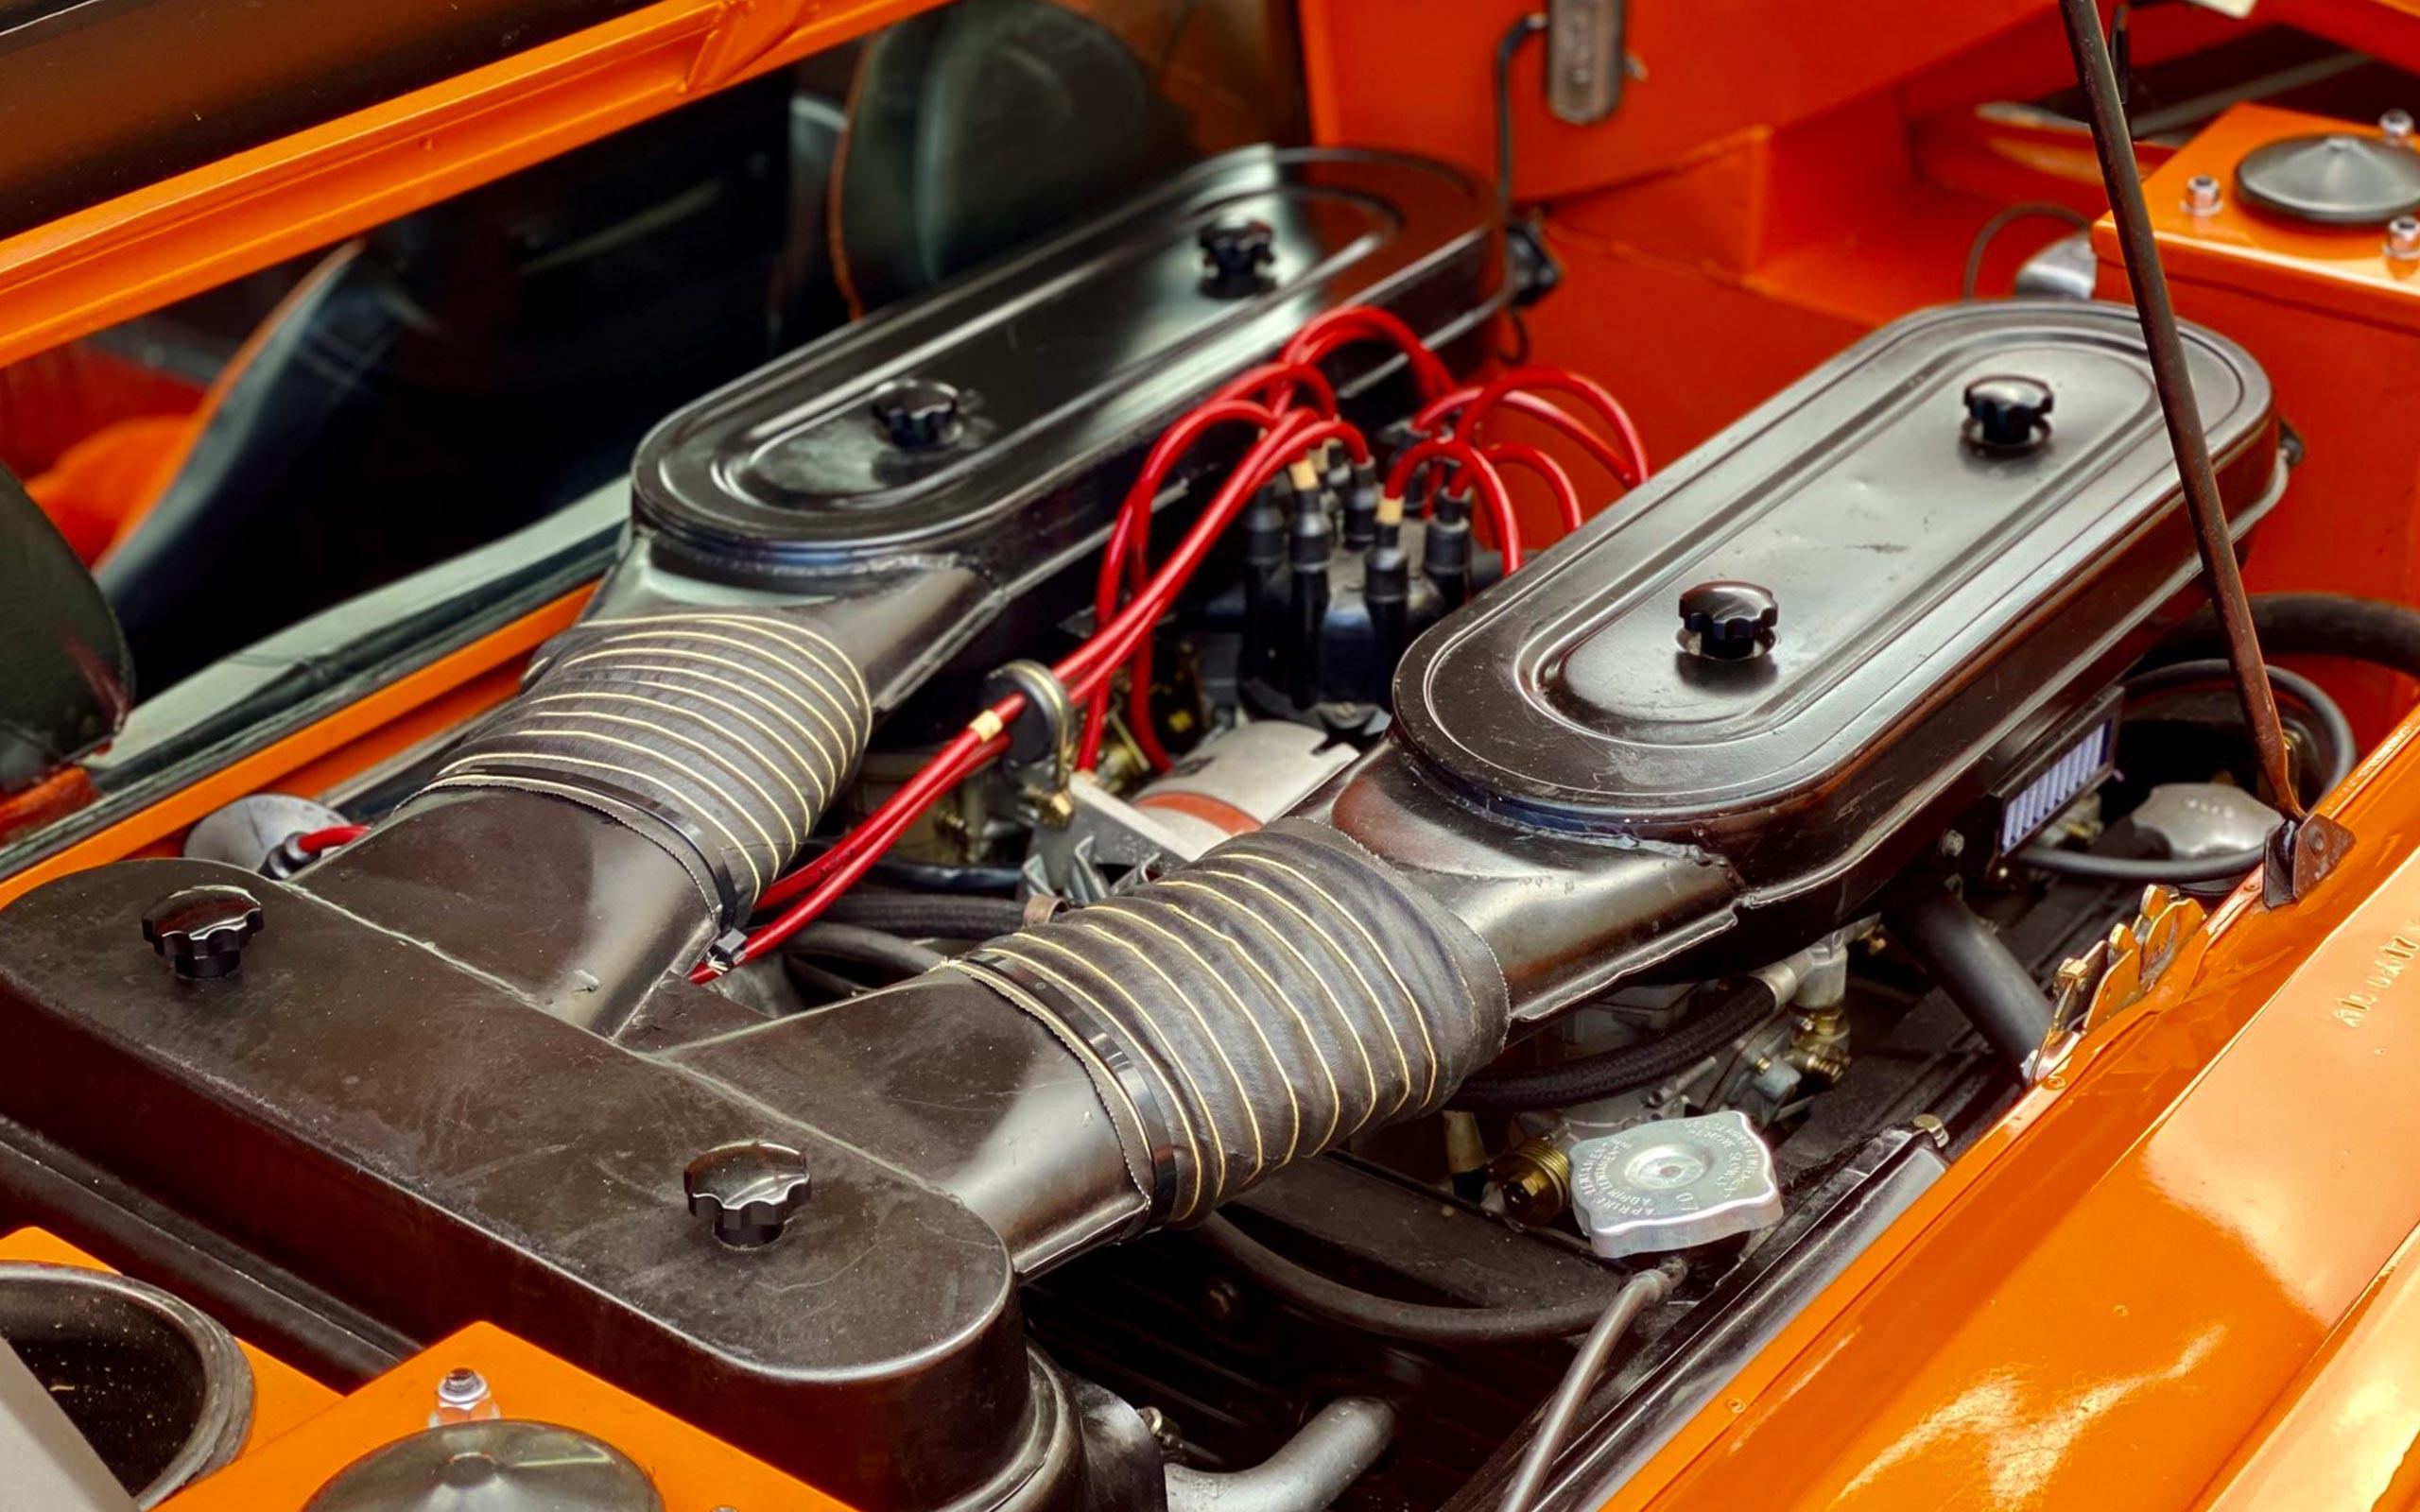 octane-evo-hero-lambo-engine